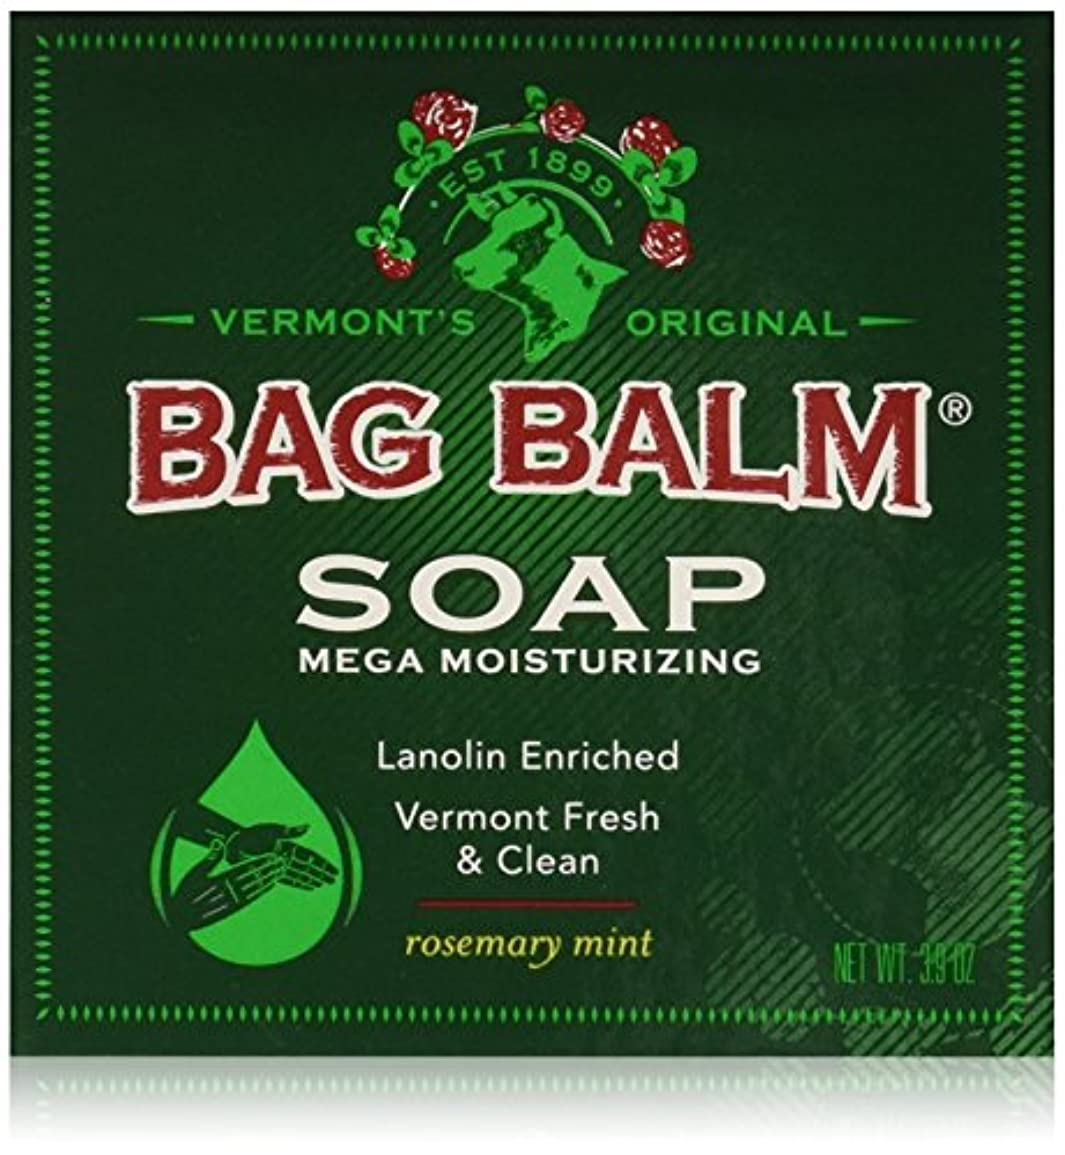 中性耐える見積りバッグバームの新作 メガモイスチャライジングソープ 3.9オンス 乾燥したお肌にモイスチャライズ石鹸